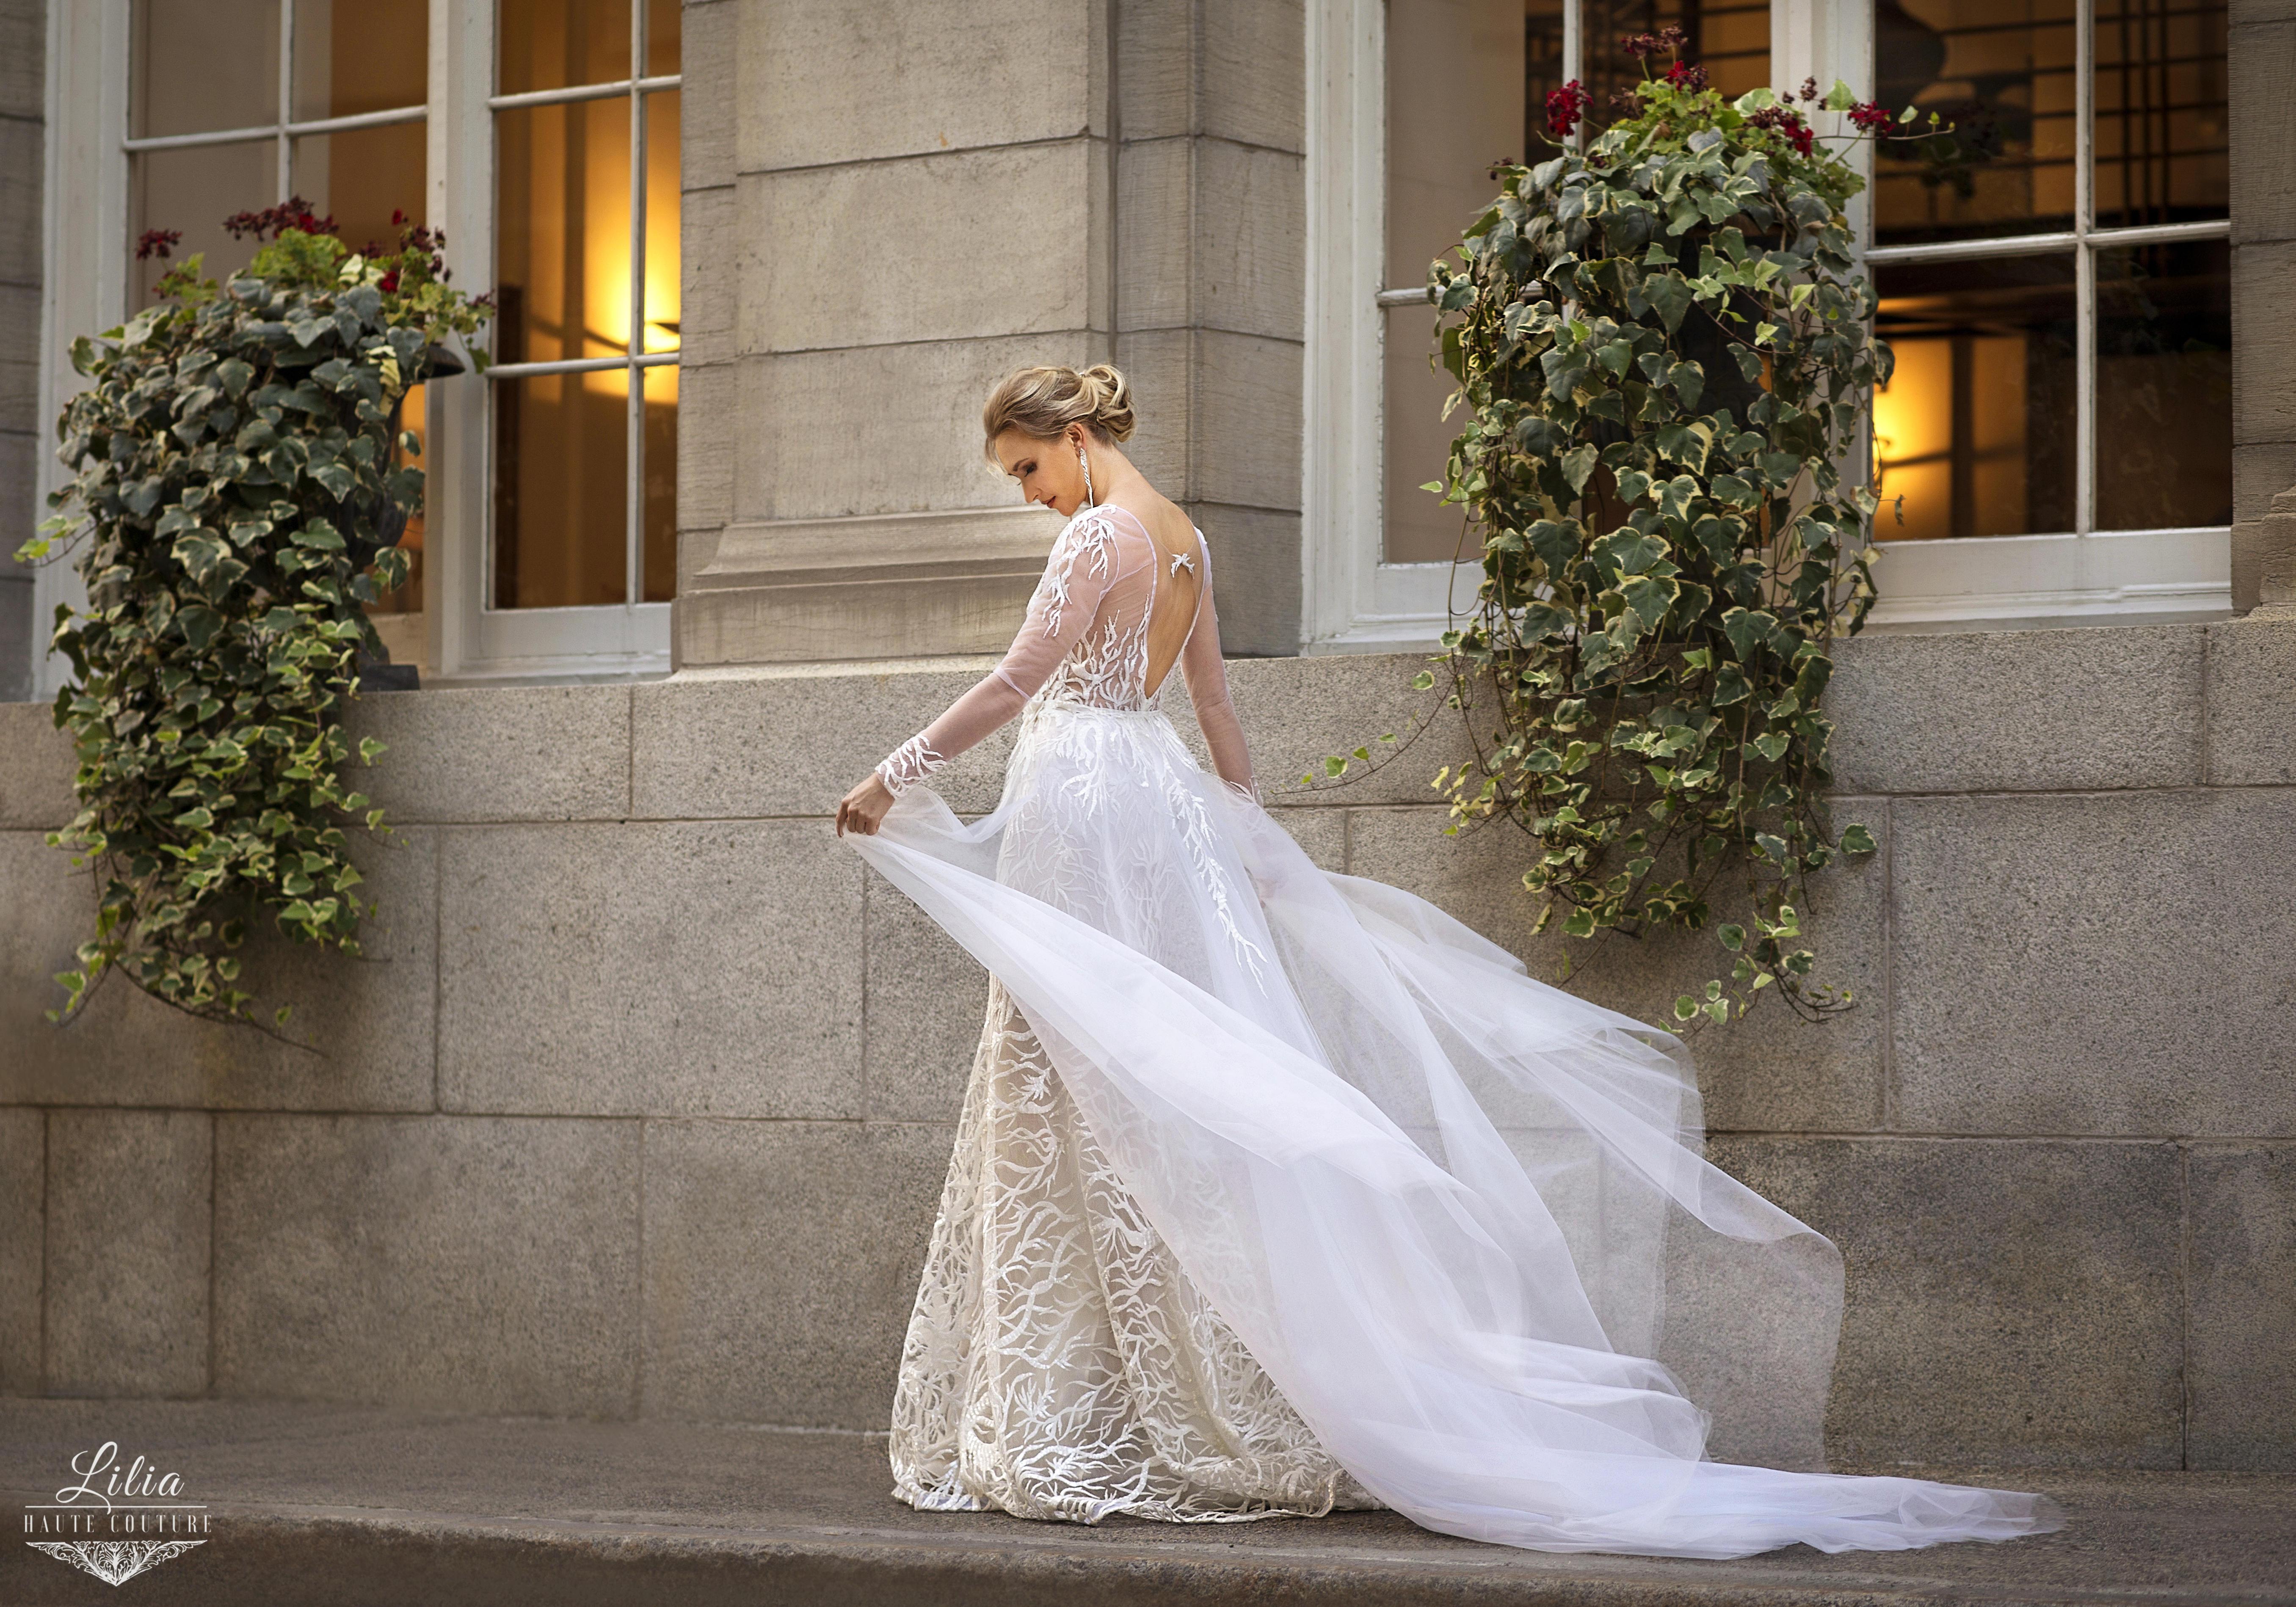 meilleure boutique robes de mariee montreal lilia haute couture robes sur mesure